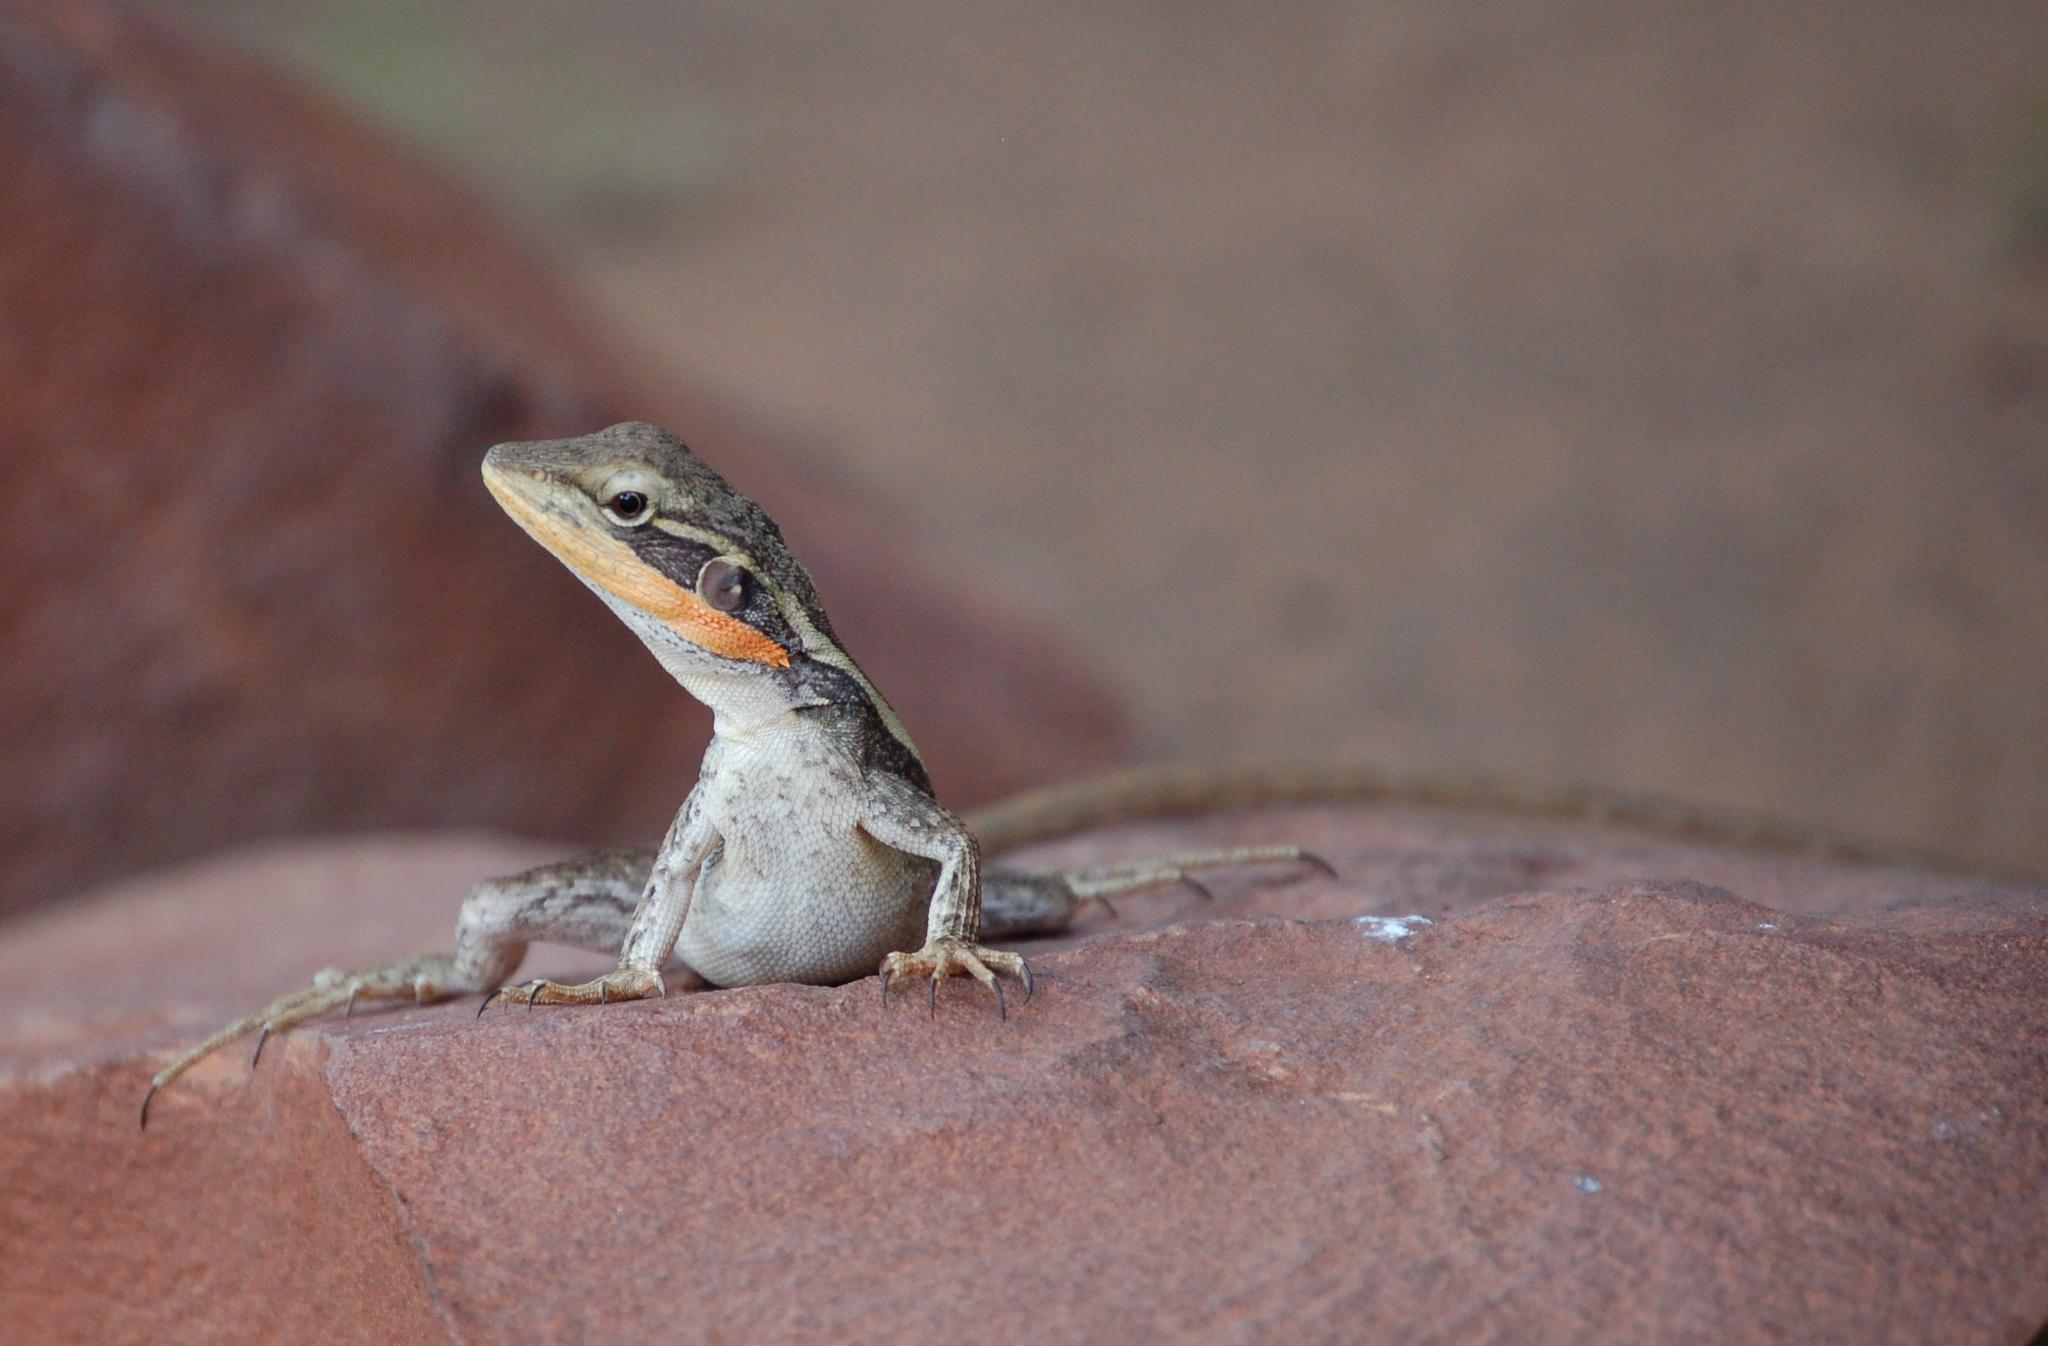 Lizard by Zoid359WA